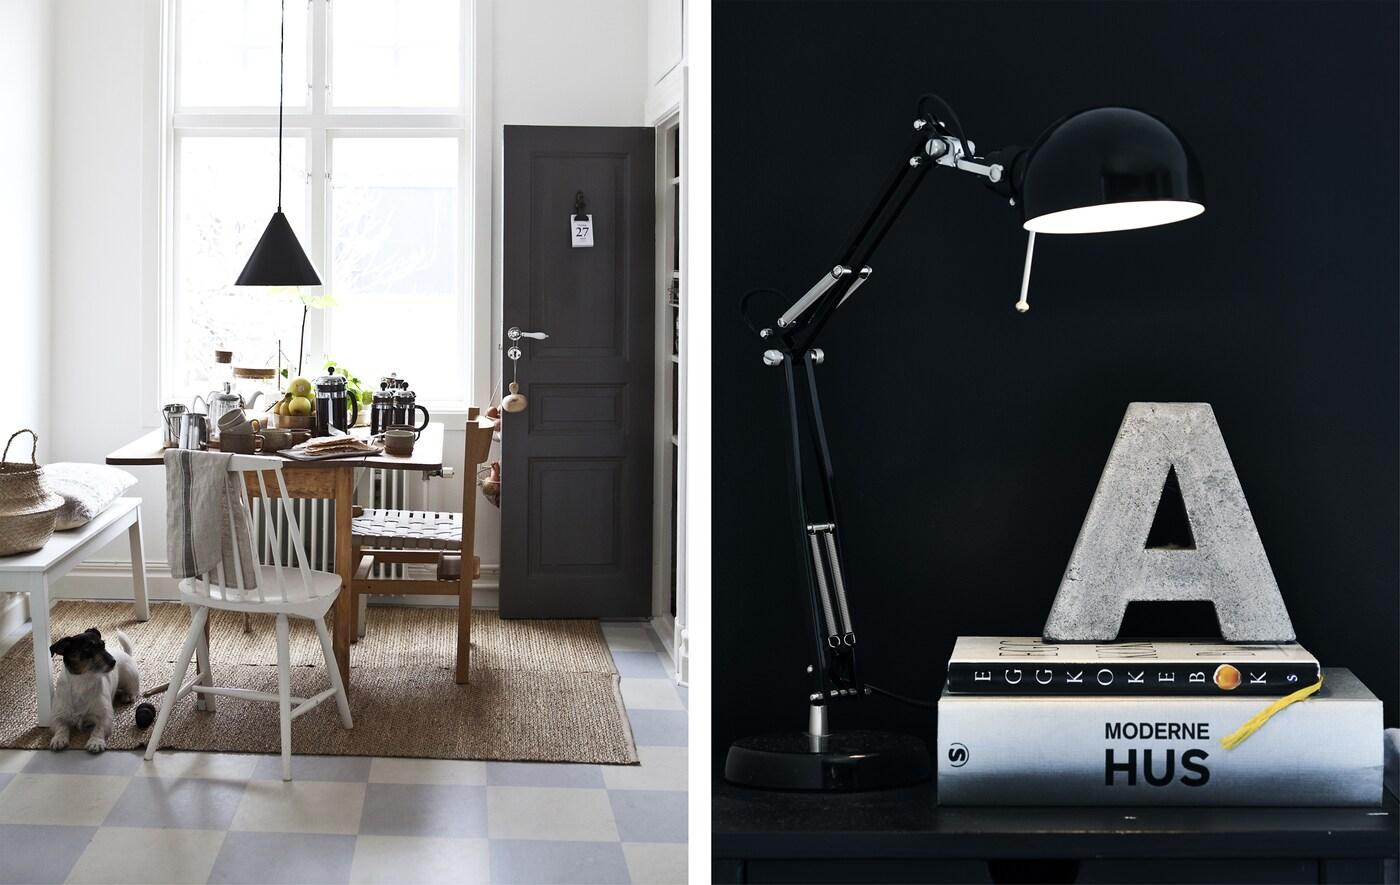 Salle à manger blanche et gros plan d'une lampe sur une table de chevet, sur fond de mur noir.